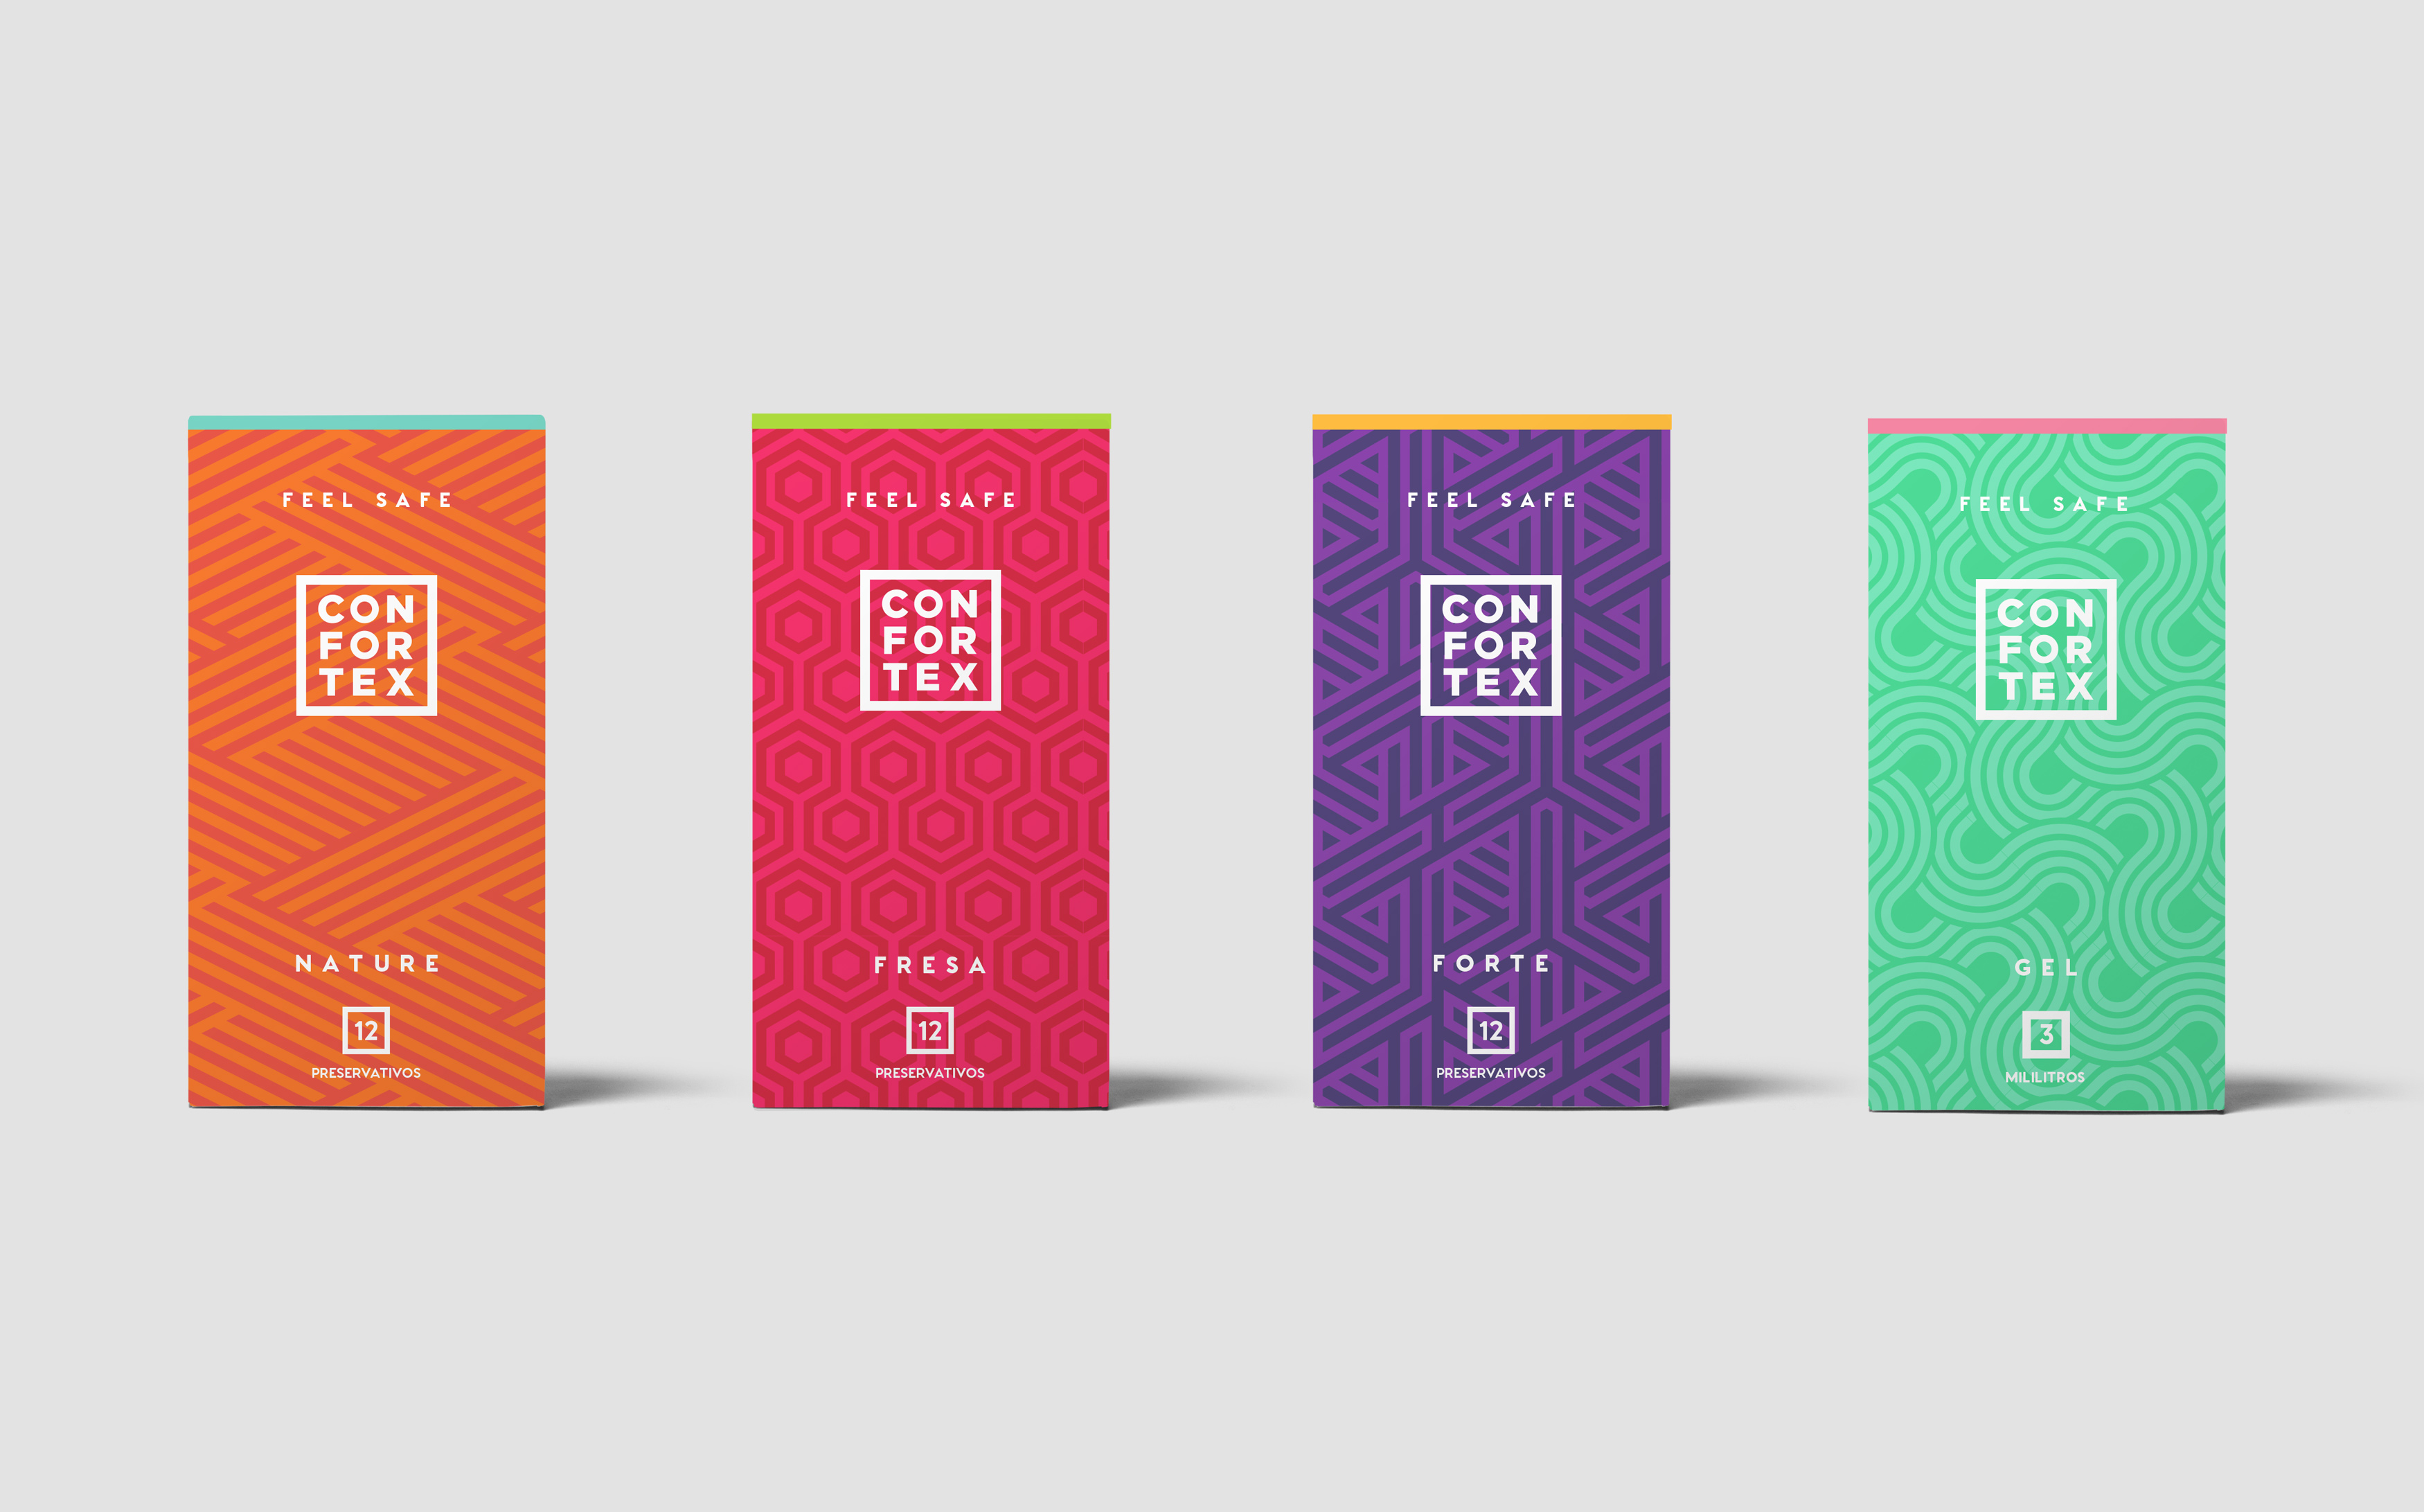 Confortex, proyecto de Branding & Packaging por The Woork Co